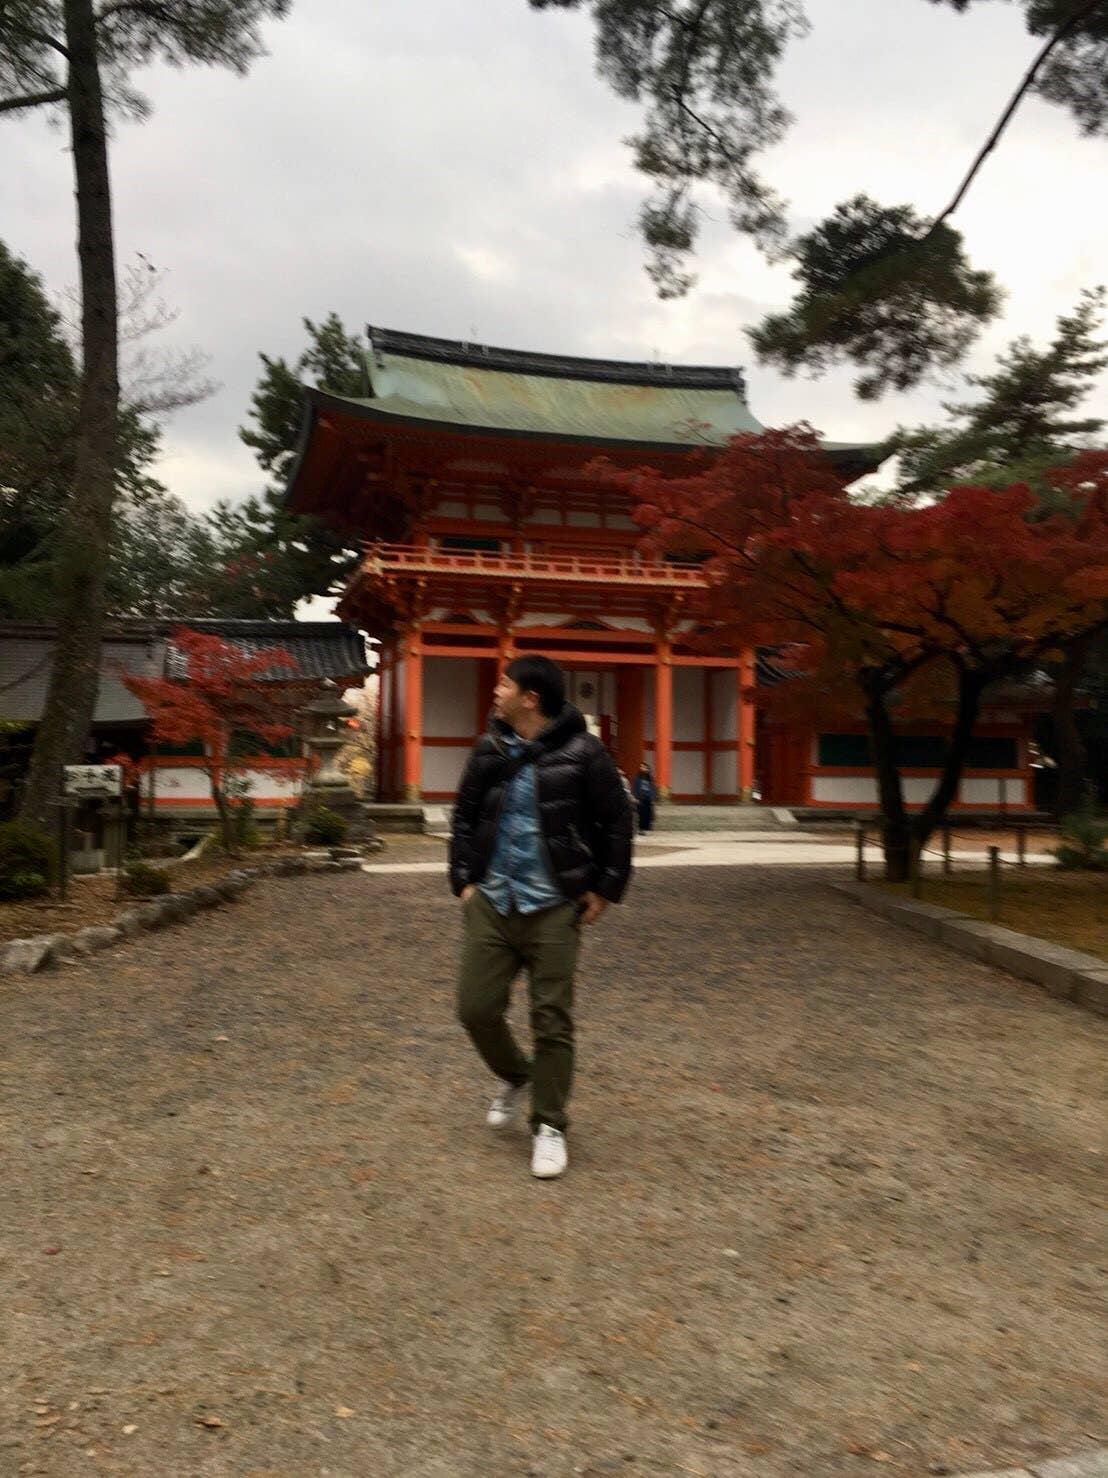 Yoshiki Haruna